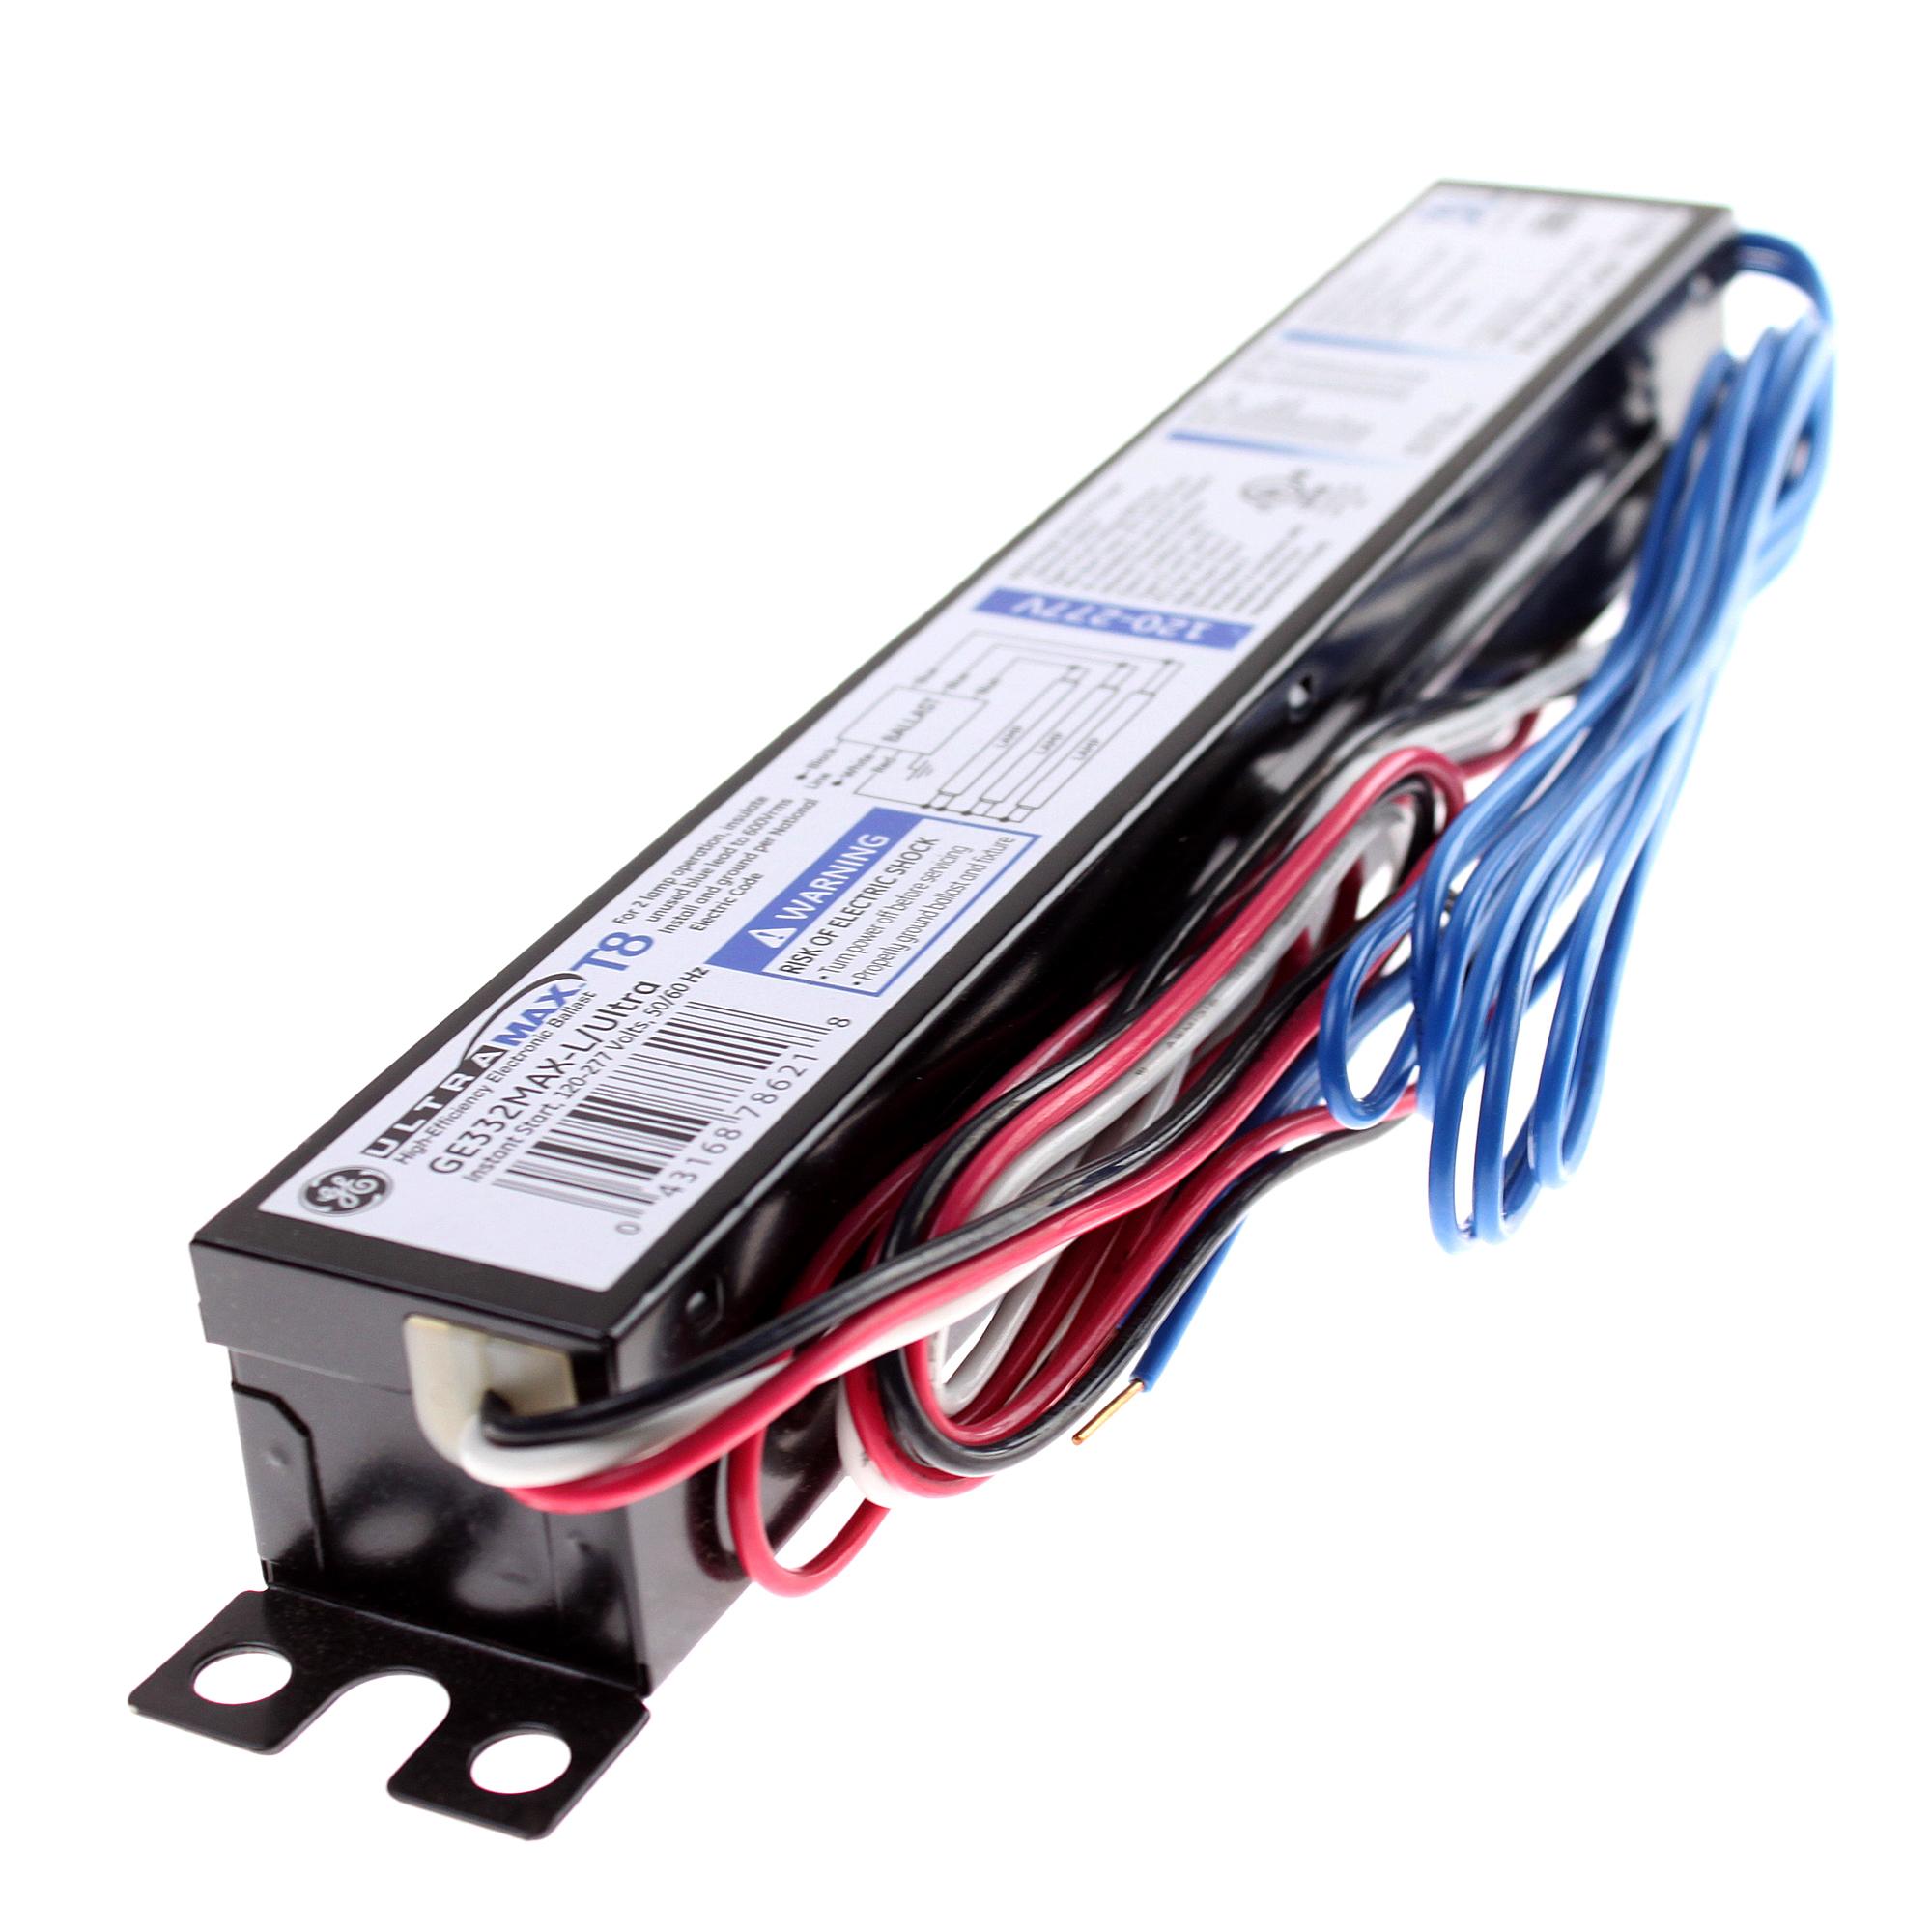 GENERAL ELECTRIC GE332MAX